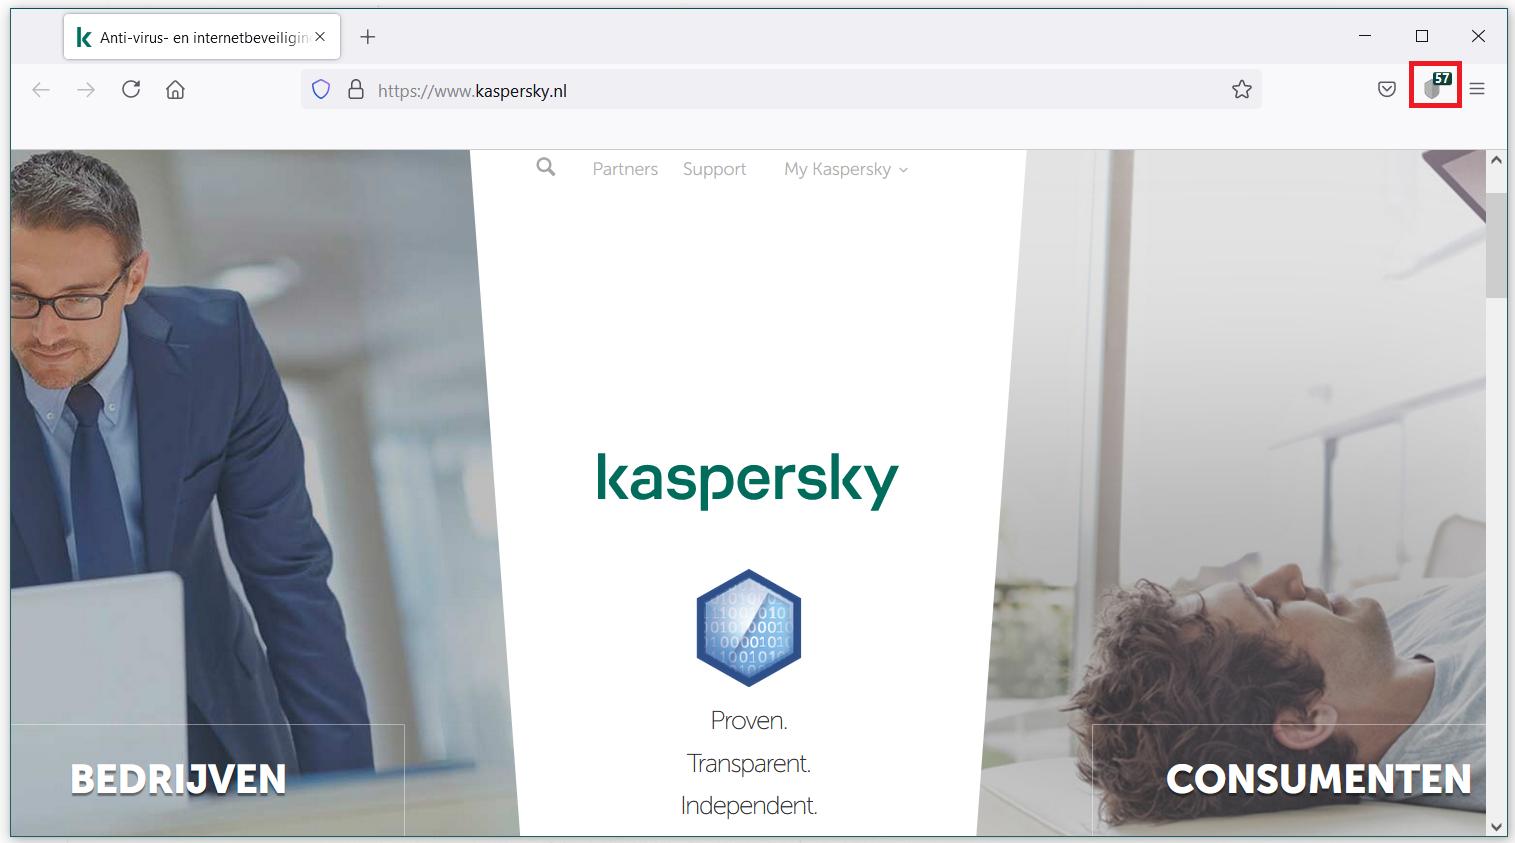 Als u de Kaspersky Protection-extensie hebt geïnstalleerd, zou het pictogram in de navigatiebalk van uw browser moeten verschijnen